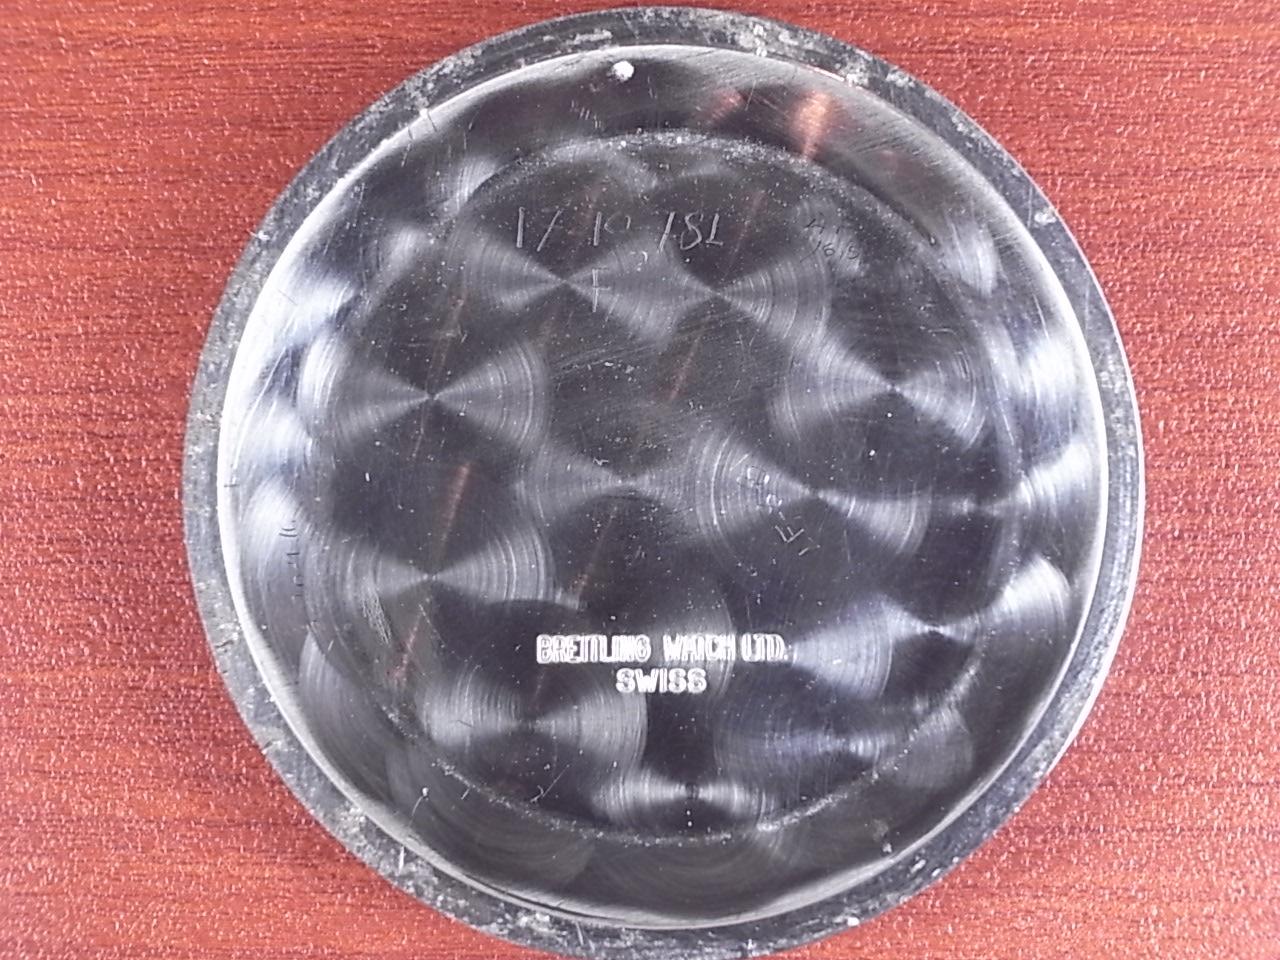 ブライトリング コスモノート Ref.809 24時間時計 ギャラ付き 1960年代の写真6枚目